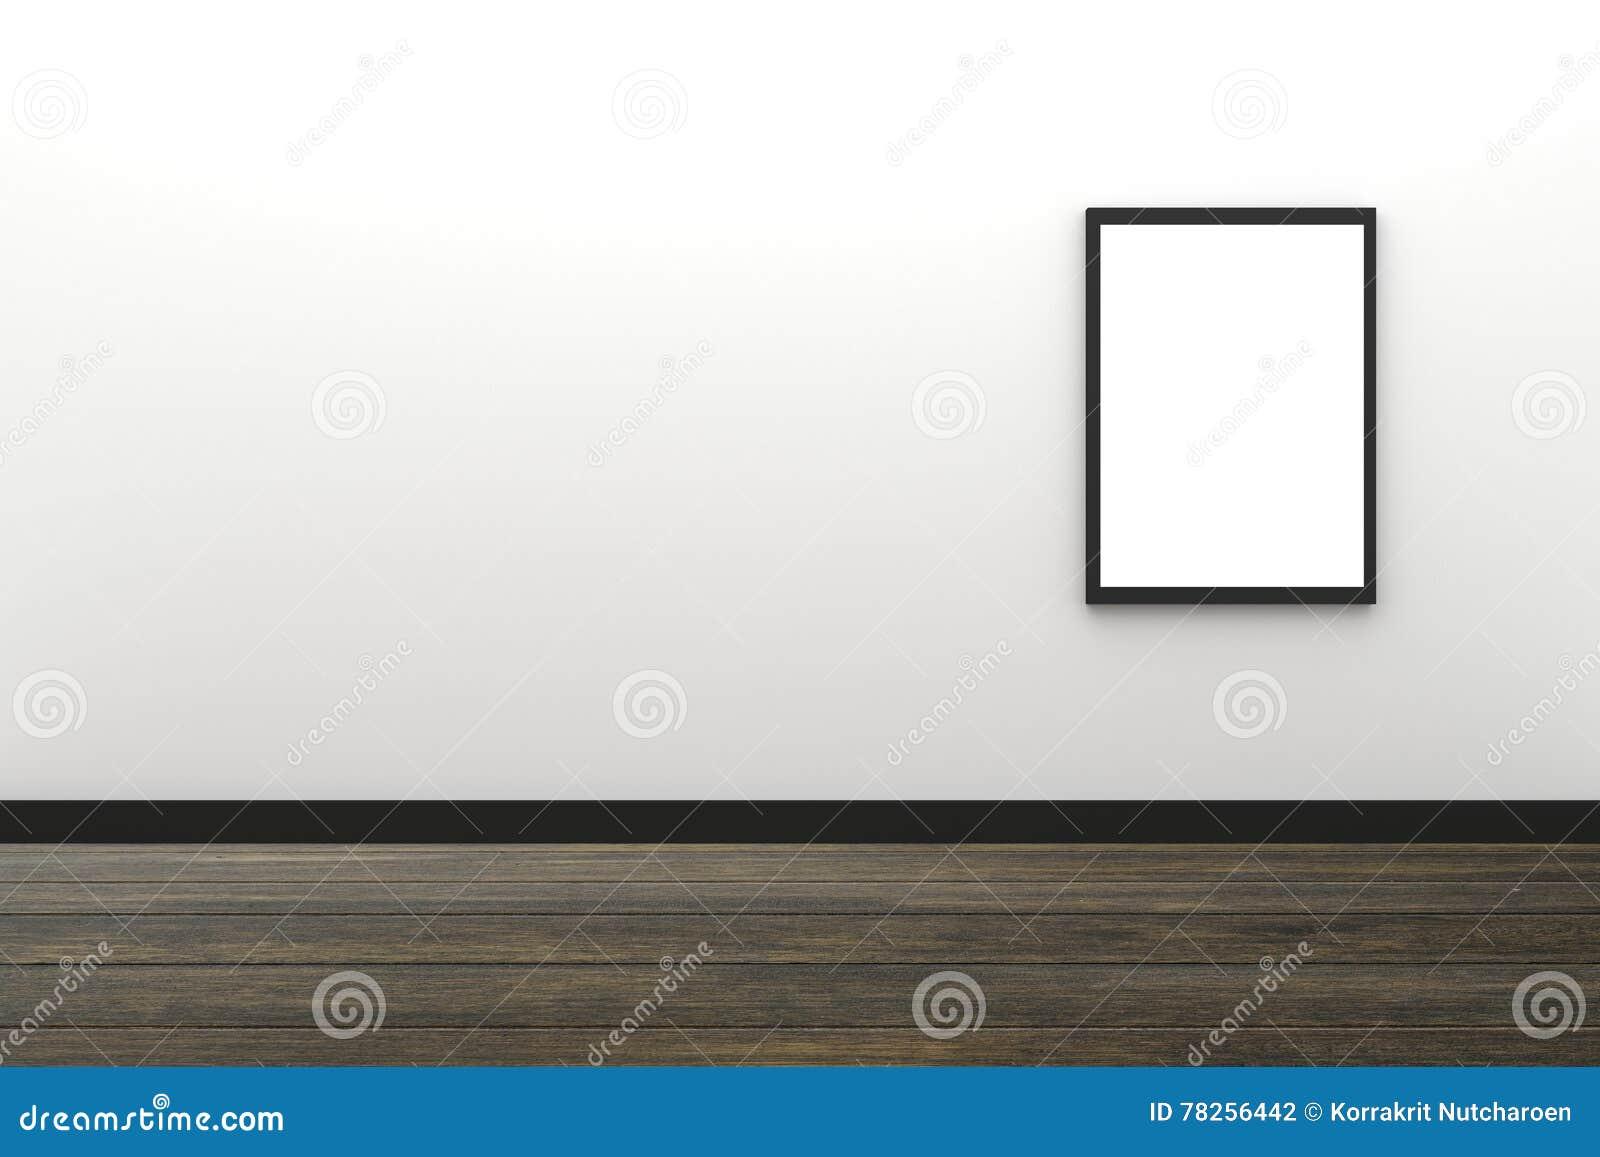 τρισδιάστατη απόδοση: απεικόνιση της κενής μαύρης ένωσης πλαισίων φωτογραφιών στο άσπρο εσωτερικό τοίχων με το ξύλινο πάτωμα, πορ